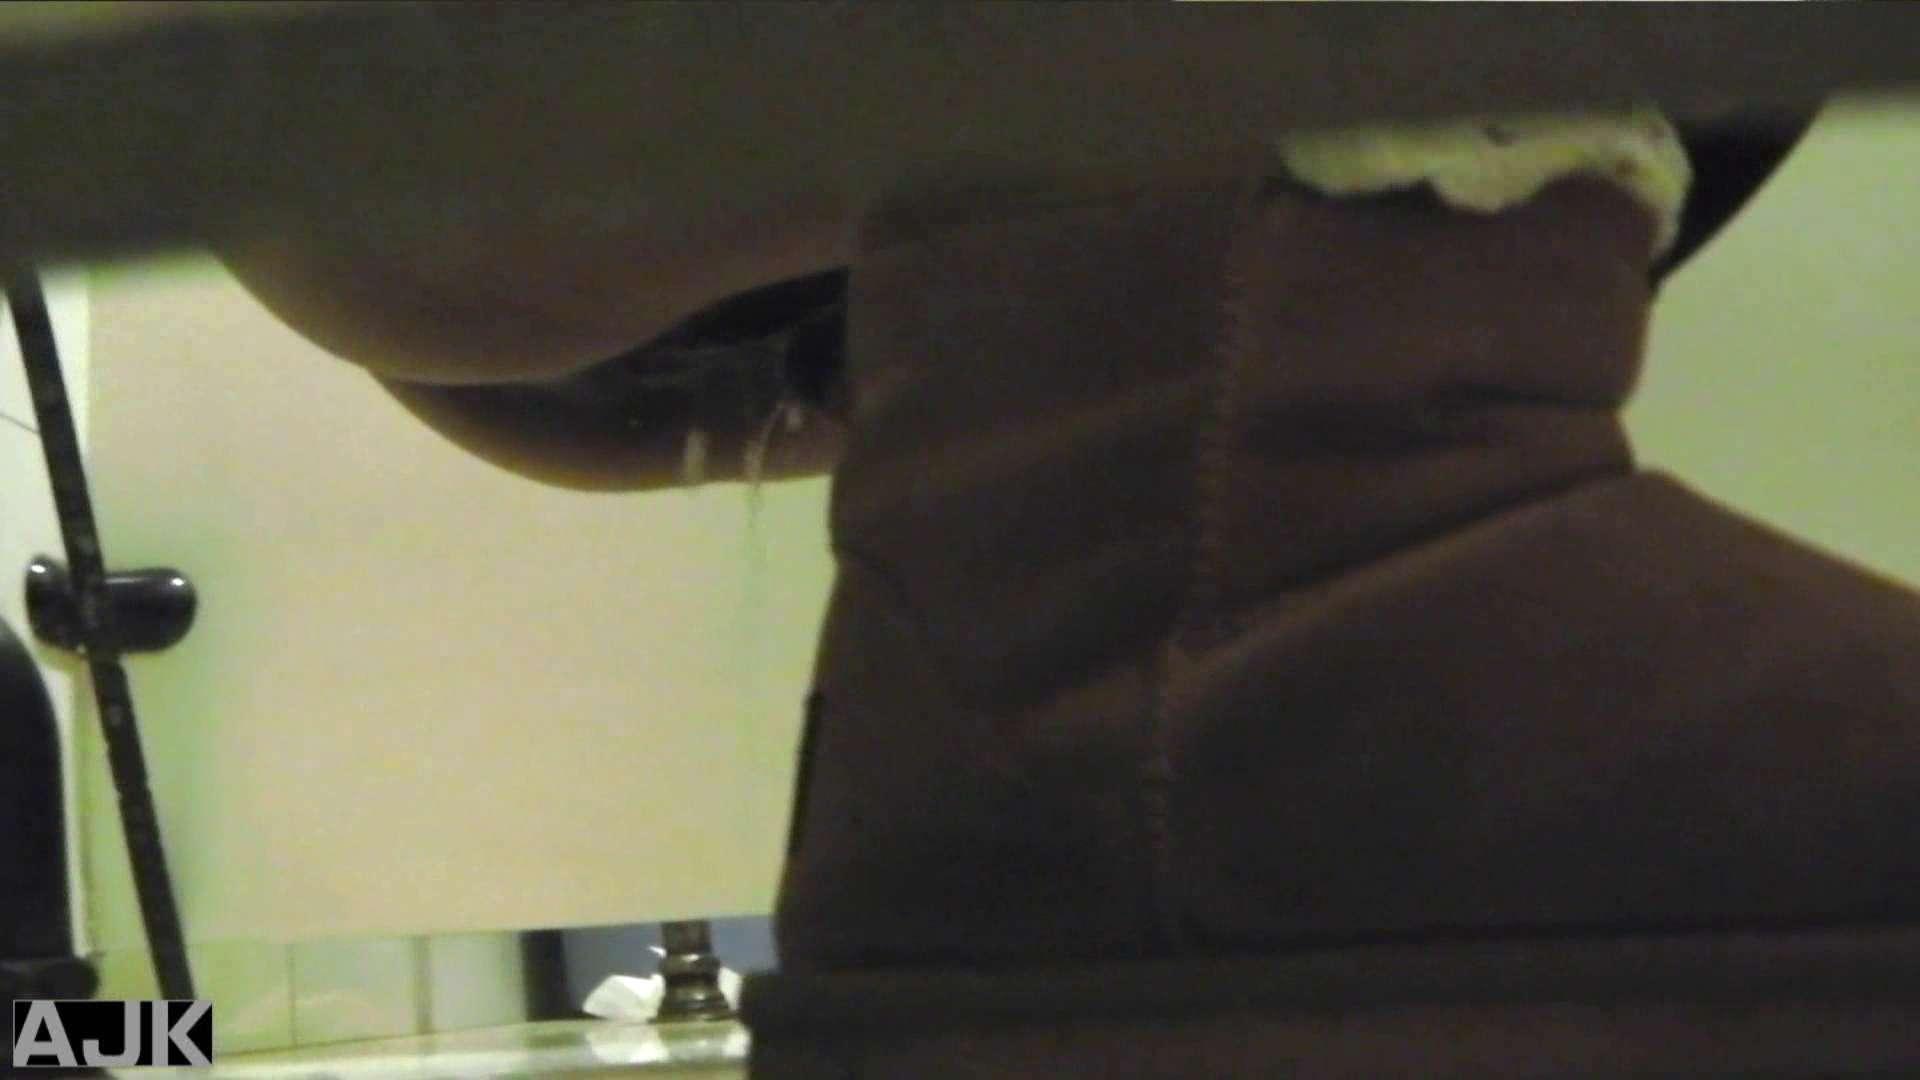 隣国上階級エリアの令嬢たちが集うデパートお手洗い Vol.16 お嬢様のエロ動画 | 美女  91枚 34